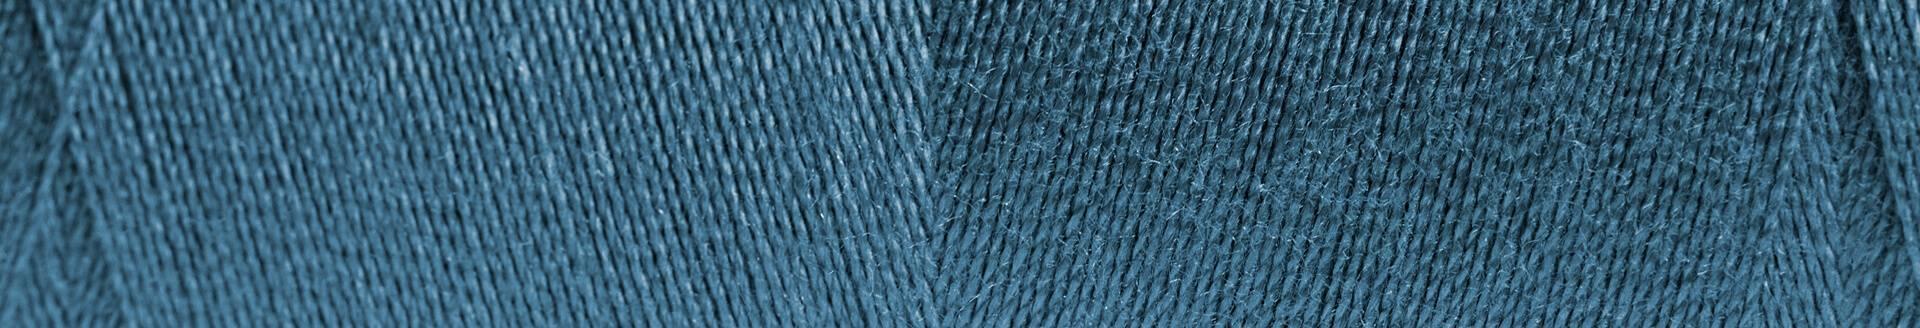 Venta online de conos de hilos para bordar acrílico de lana de GUNOLD